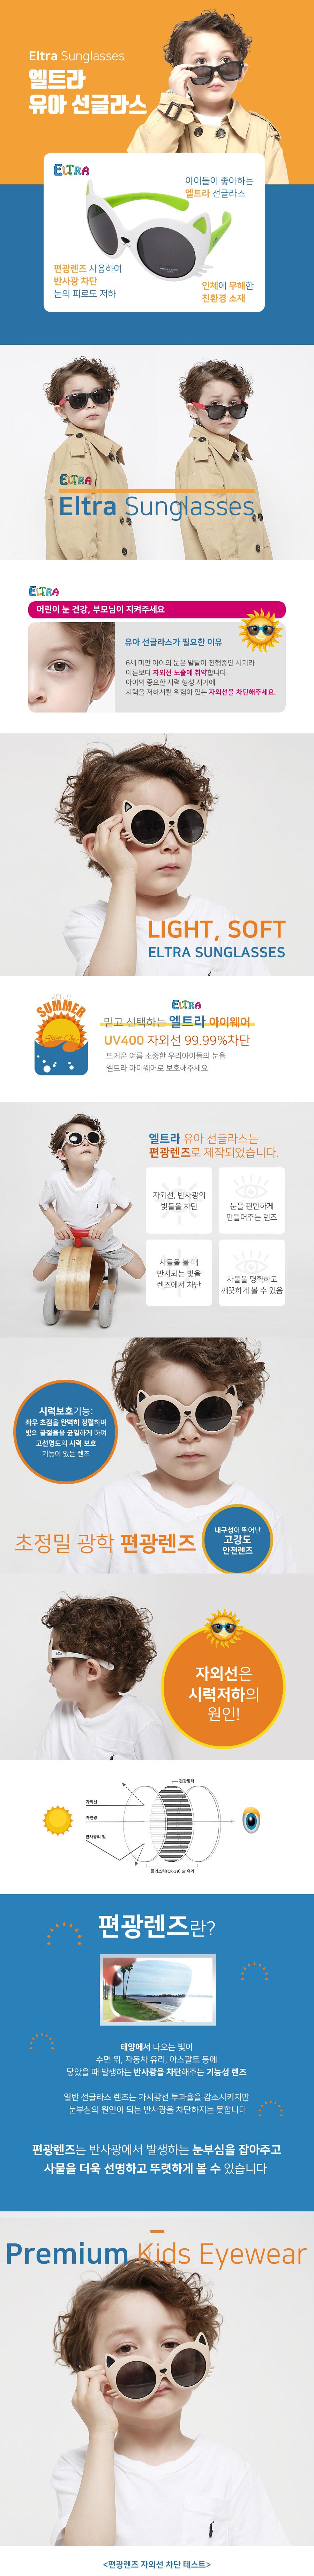 엘트라 유아동 선글라스 - 엘트라, 65,000원, 액세서리, 선글라스